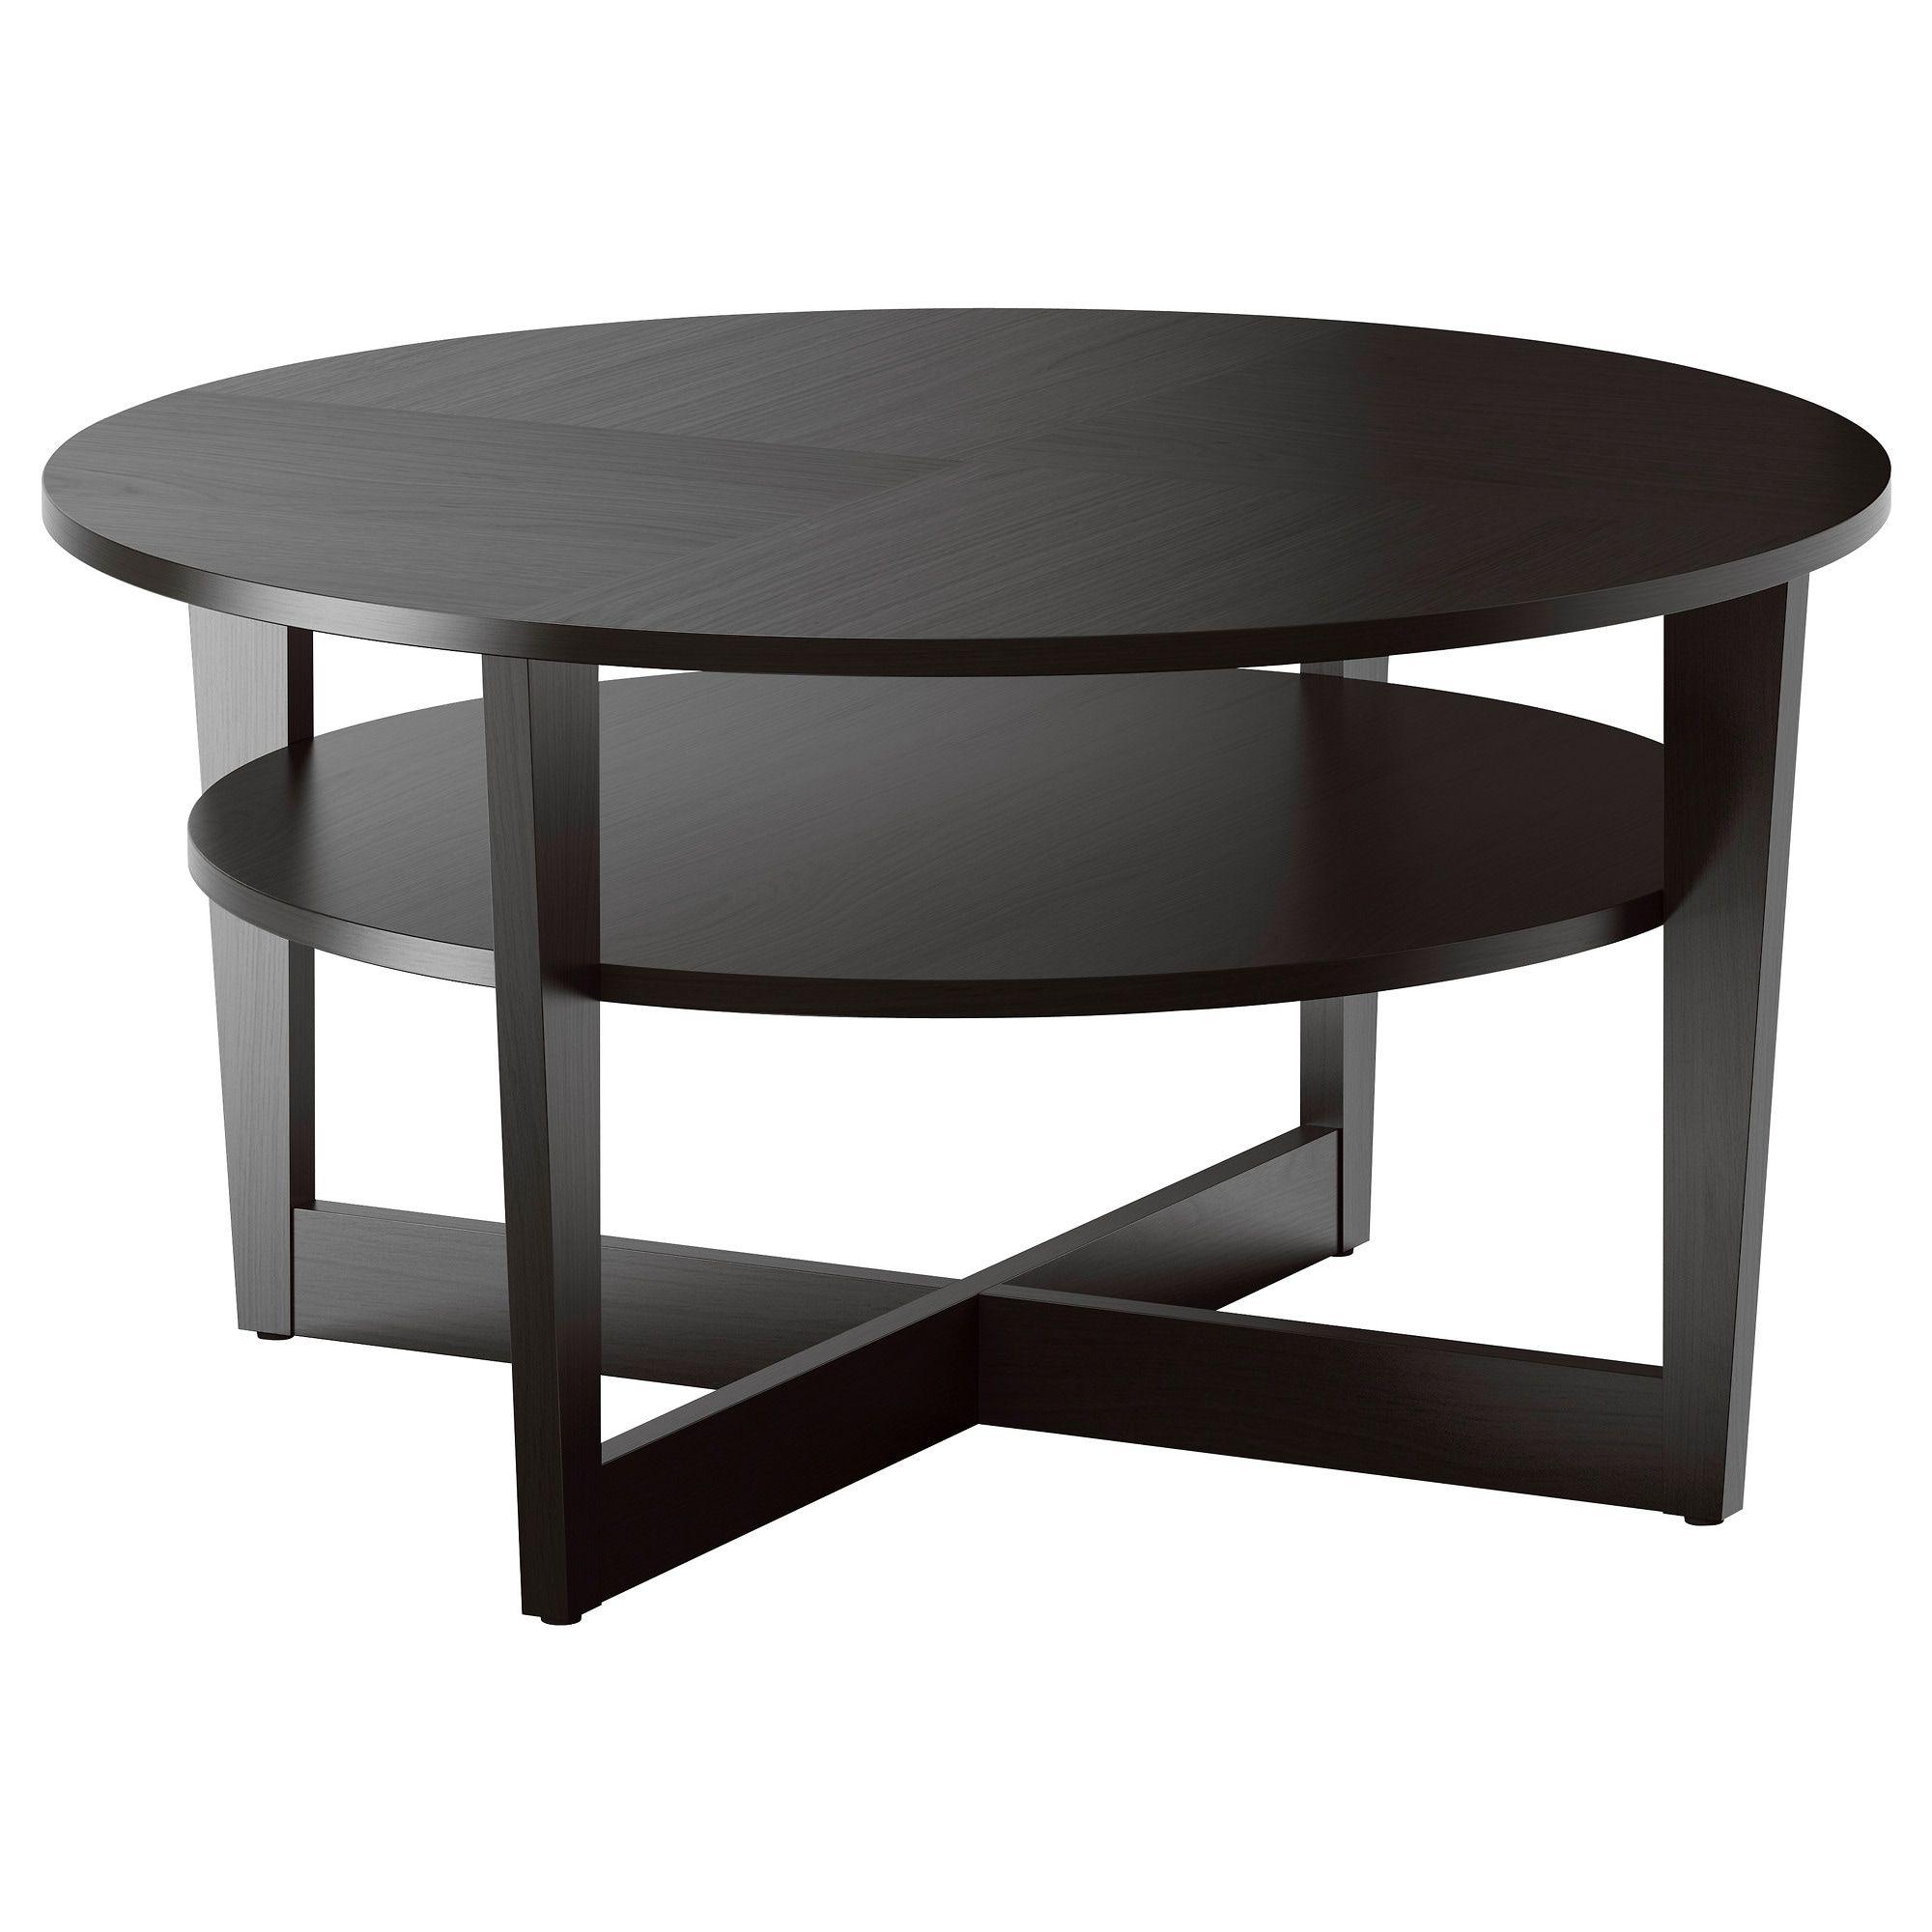 Vejmon Măsuţă Cafea Negru Maro 90 Cm Ikea Ikea Coffee Table Round Coffee Table Ikea Coffee Table [ 2000 x 2000 Pixel ]